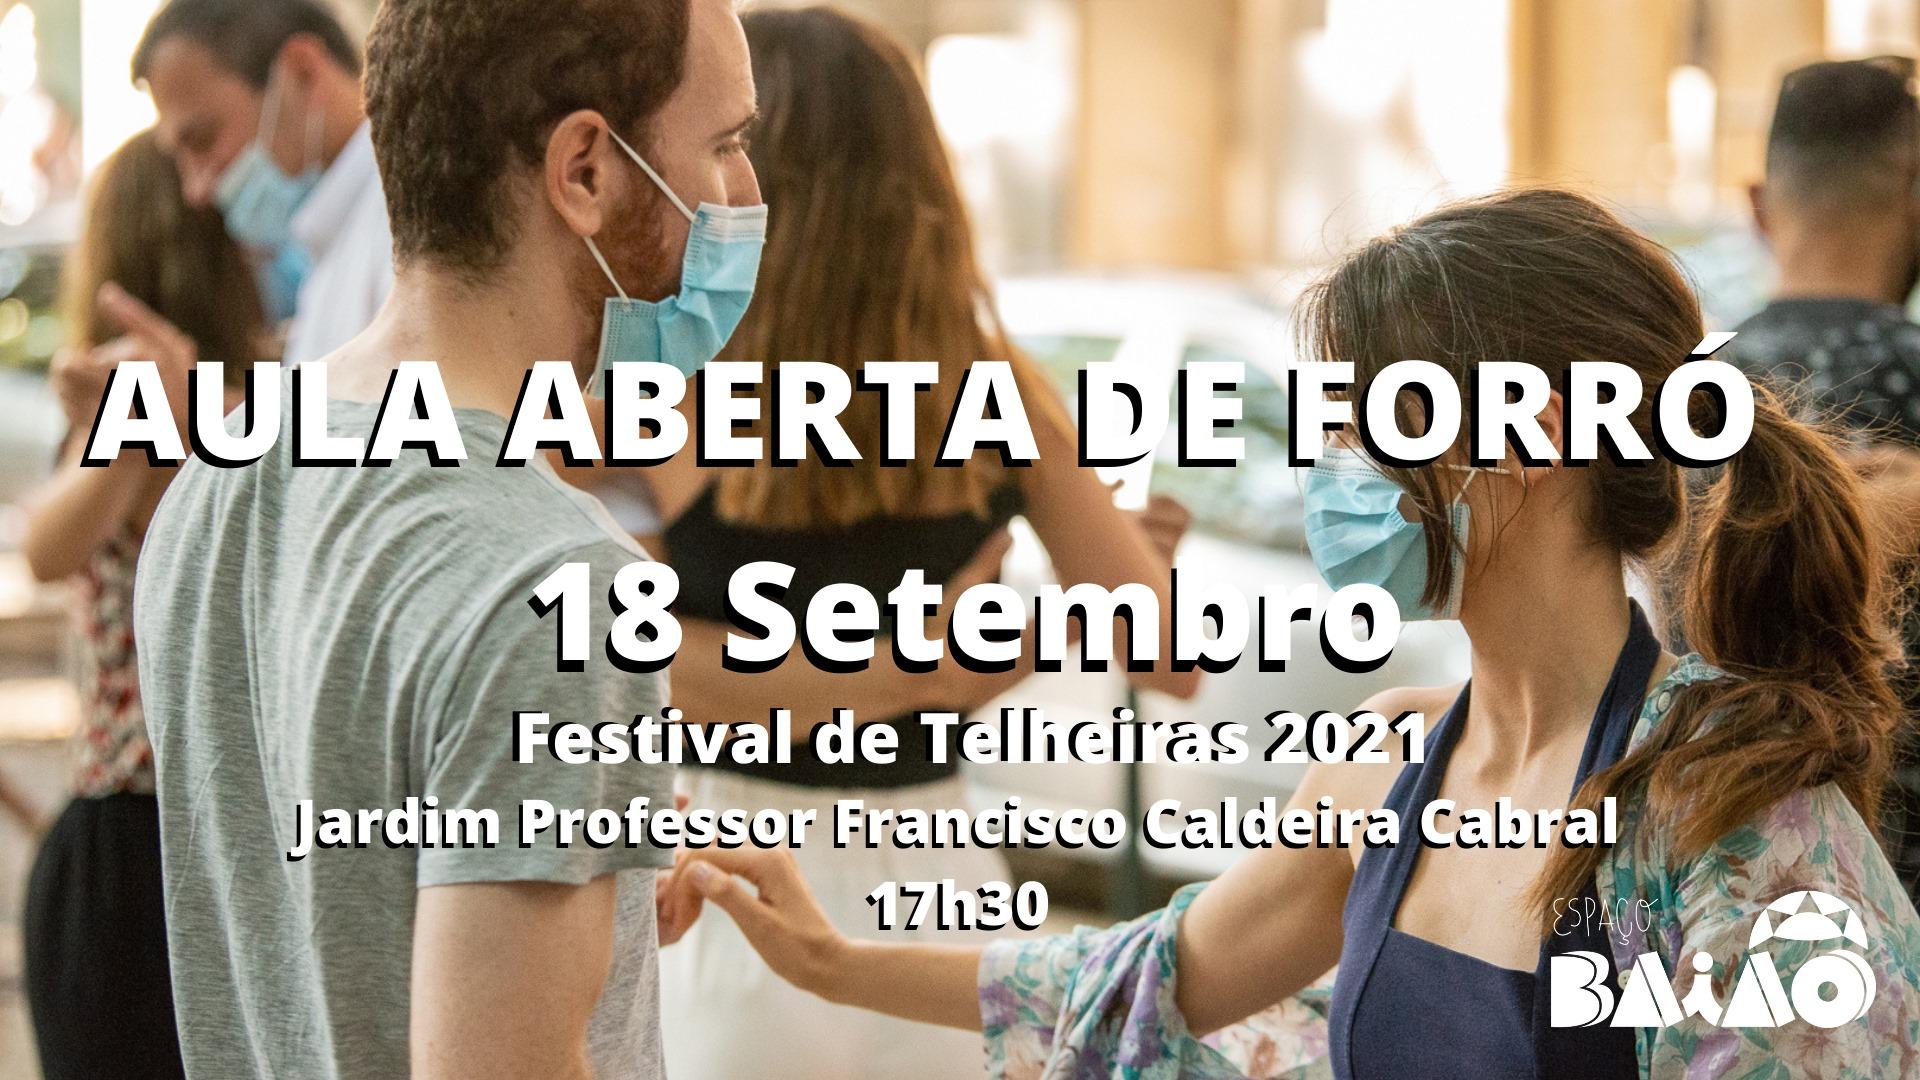 Aula Aberta de Forró   Festival de Telheiras 2021   Espaço Baião